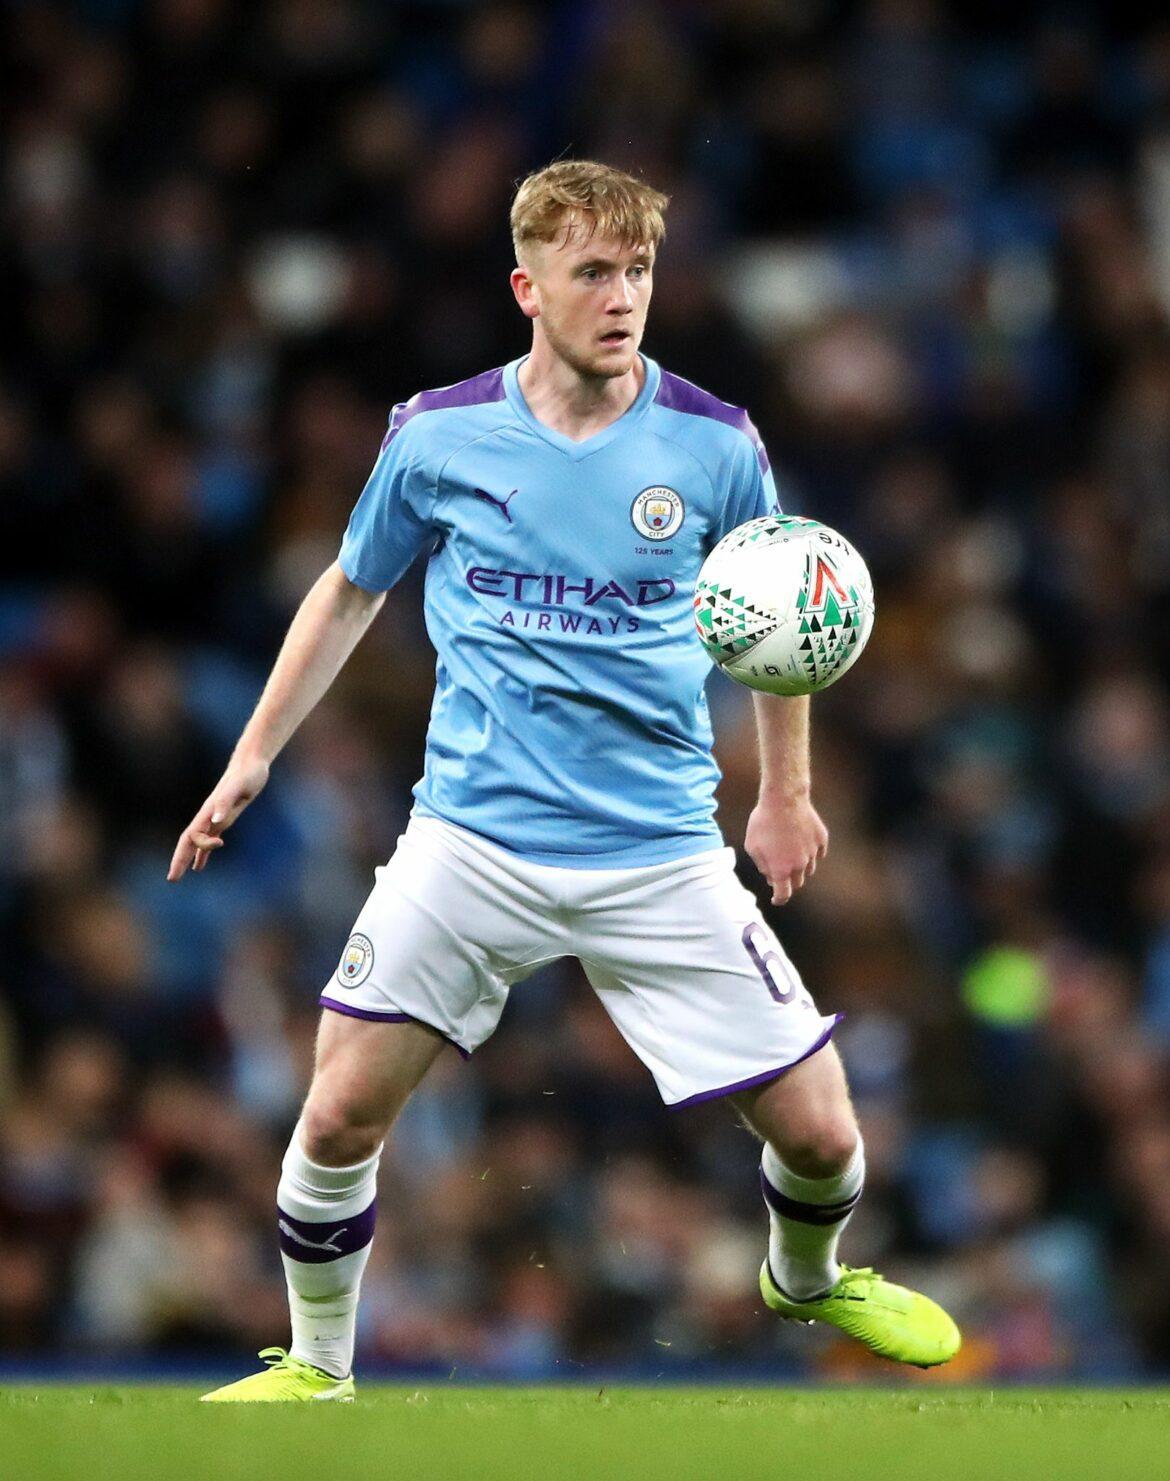 Doyle kommt aus Manchester – Vertrag mit Leistner aufgelöst